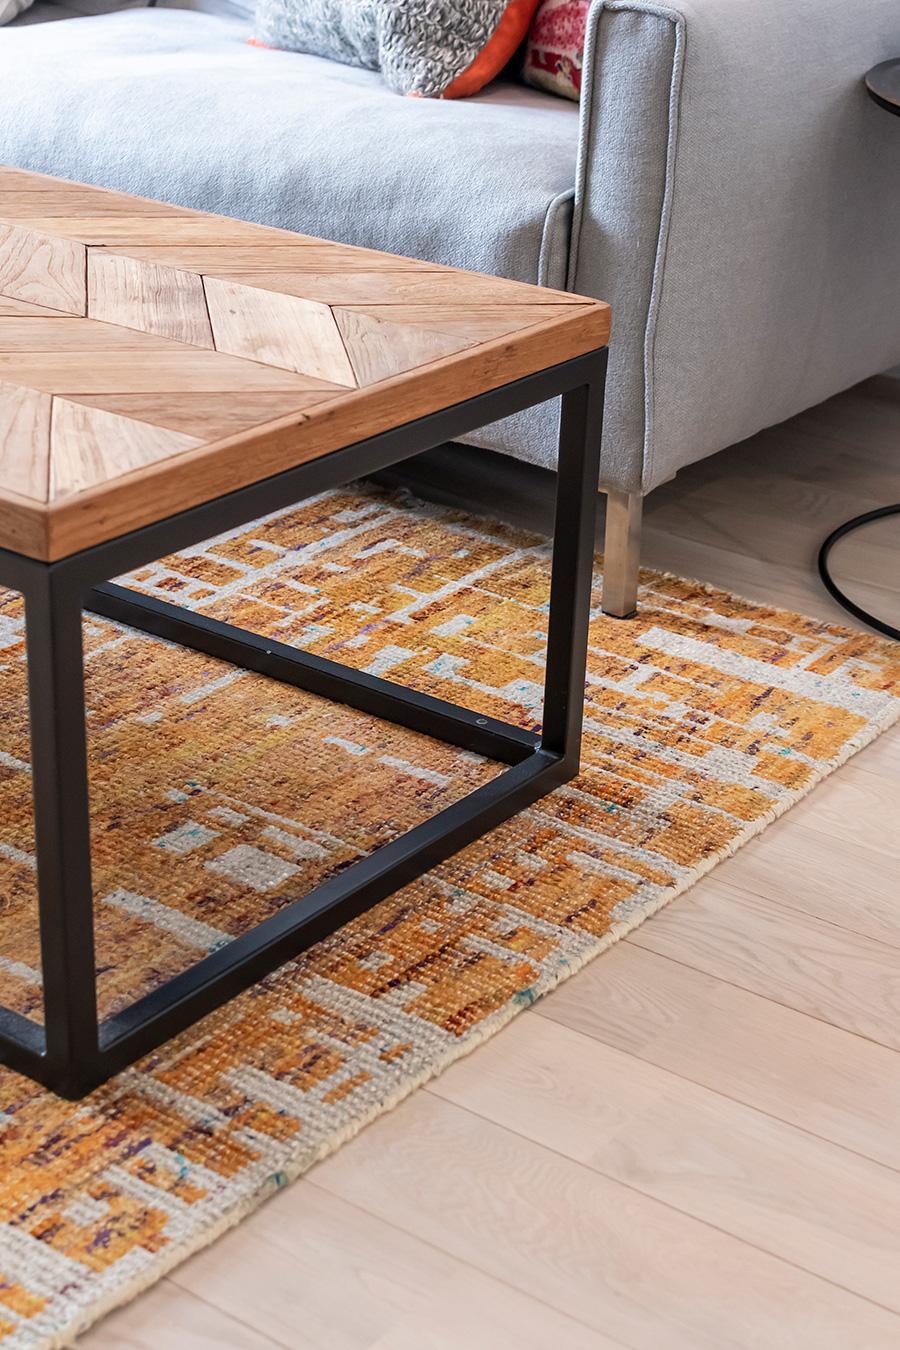 テーブルとラグは「Crate and Barrel」。